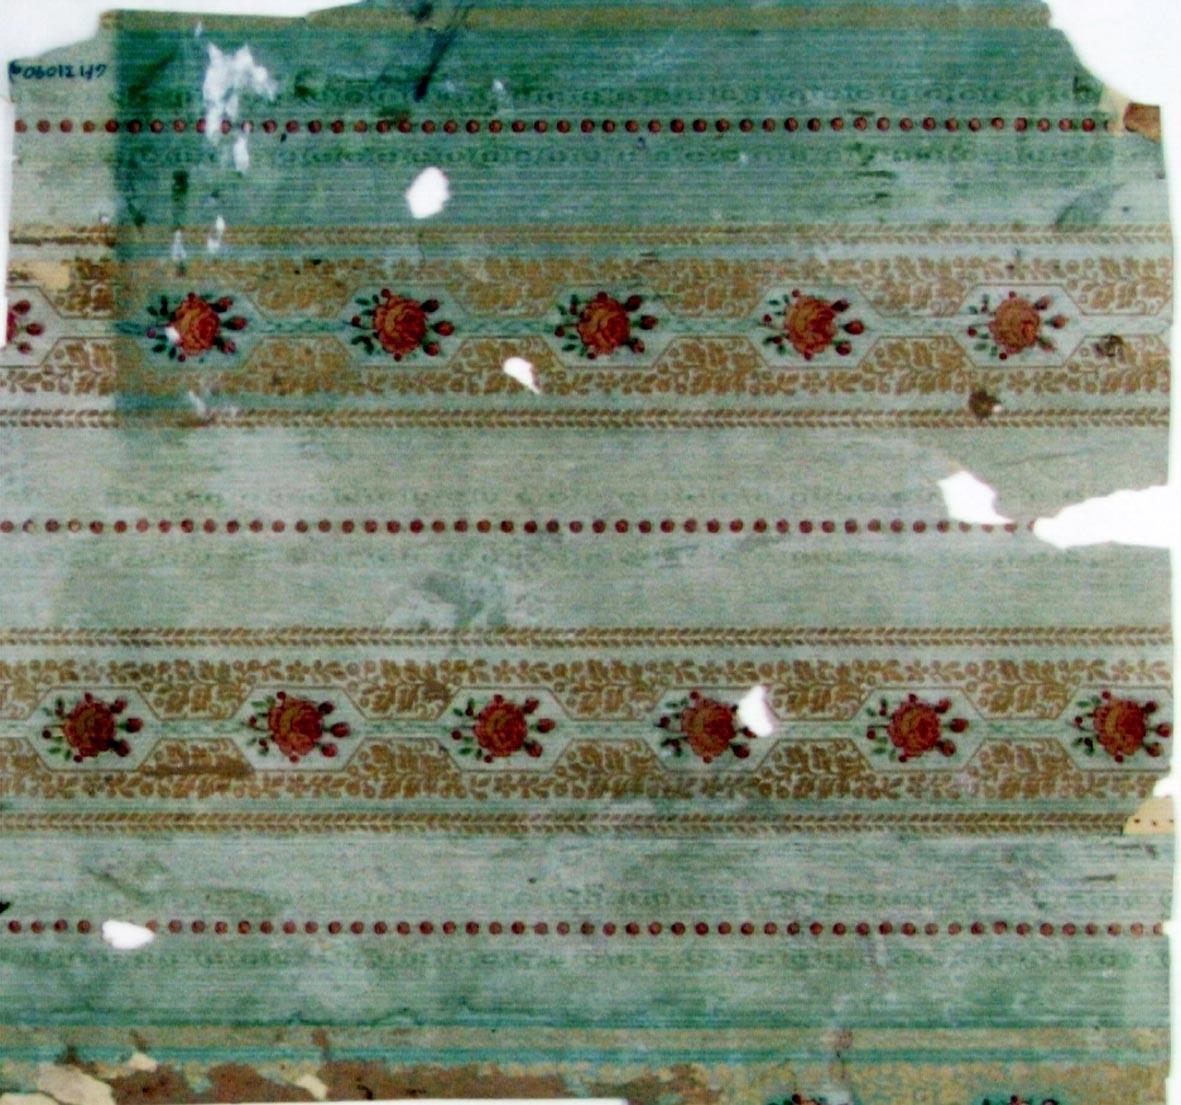 Randmönster med rosor i flerhörniga ornament omväxlande med lodrät pärlstav. Tryck i rött och grönt på en ljusgrön bakgrund.